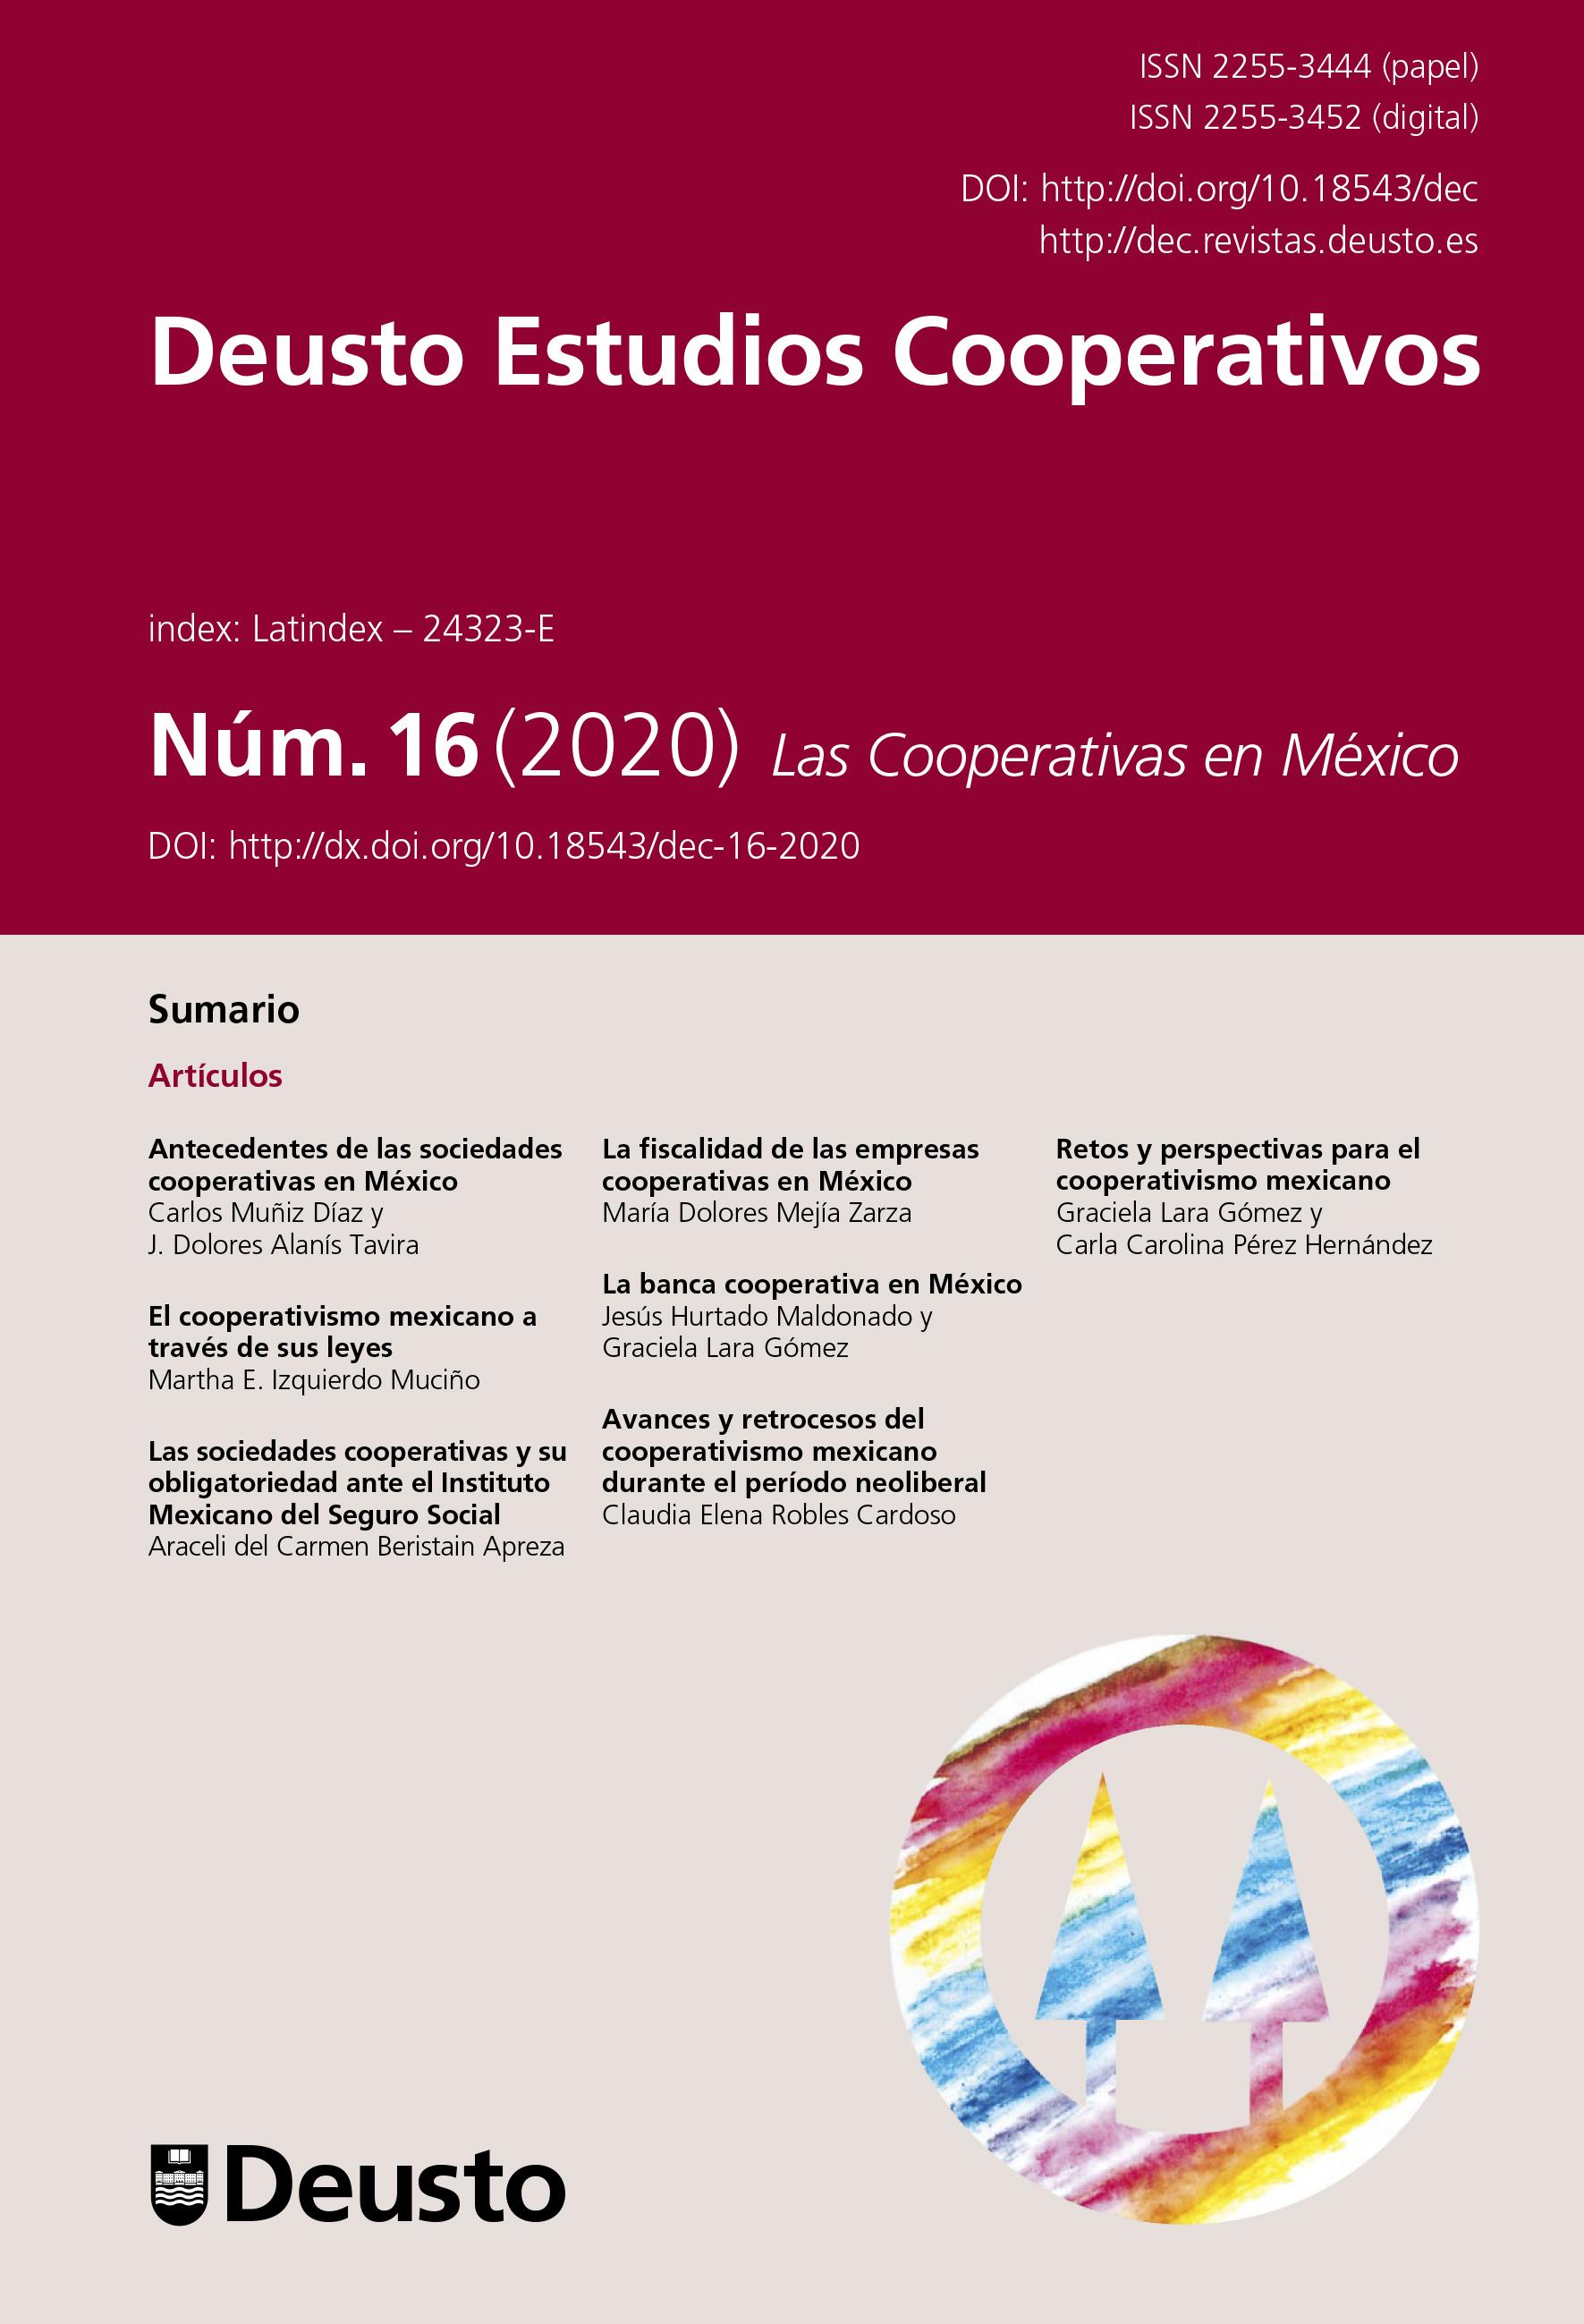 Deusto Estudios Cooperativos Número 16 (2020) Las Cooperativas en México